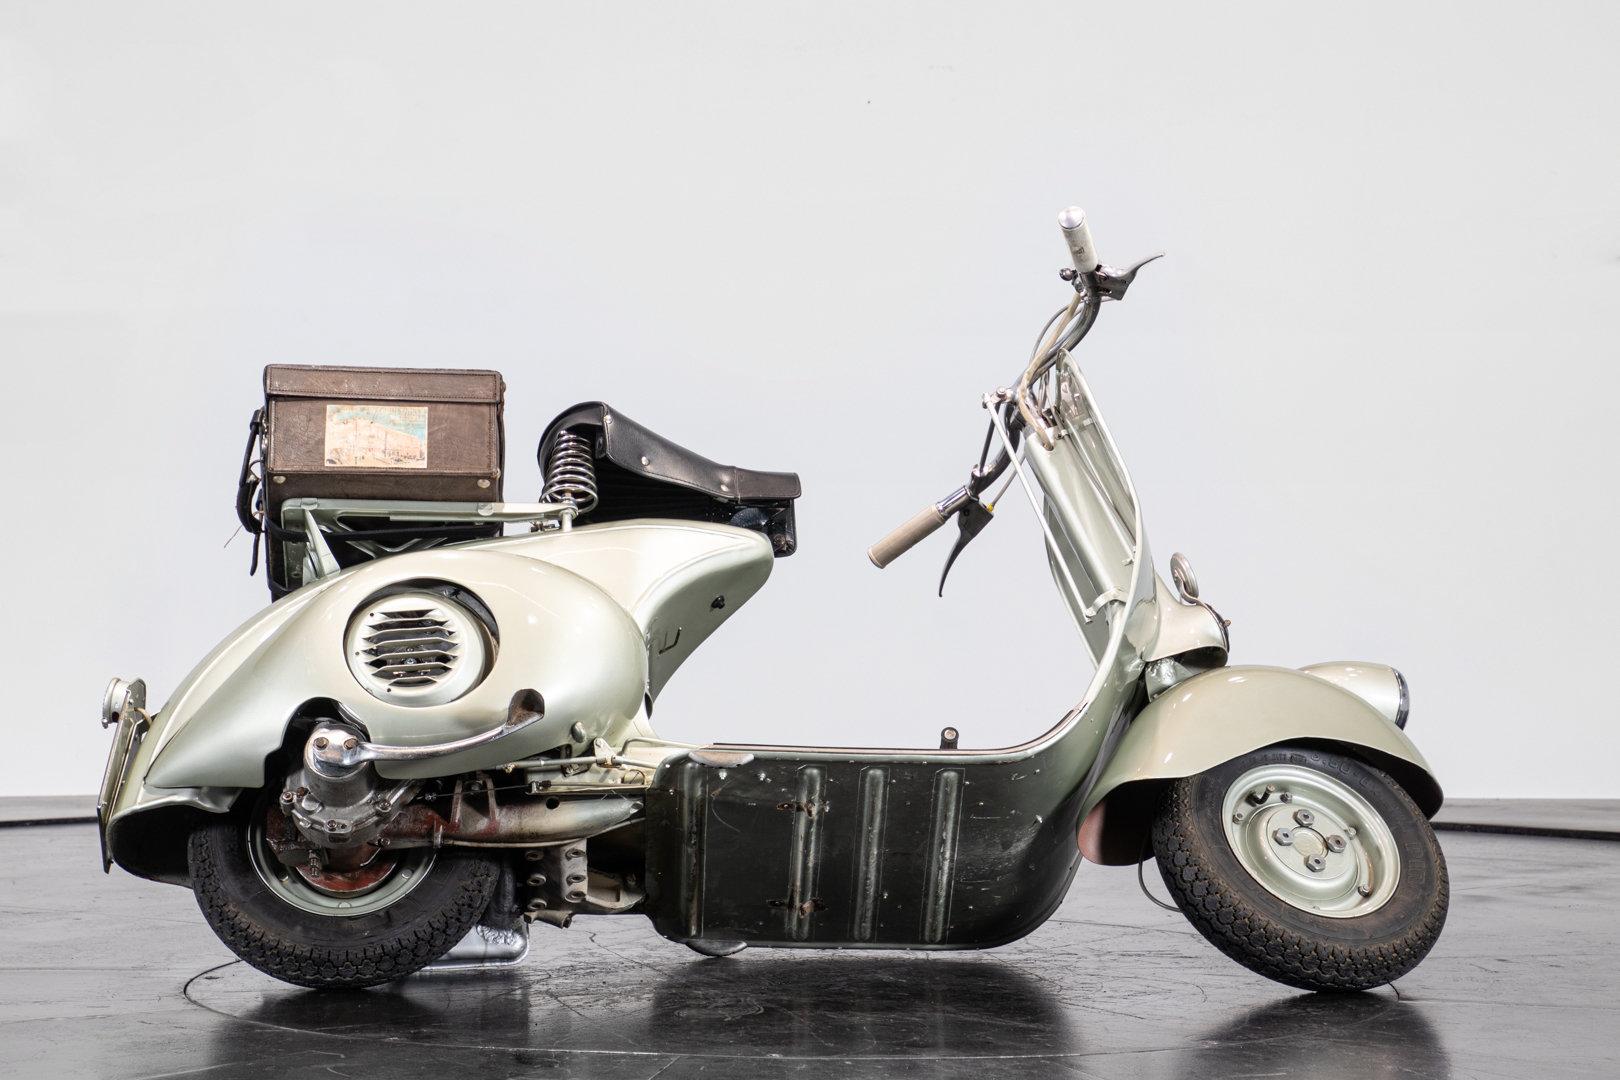 PIAGGIO - VESPA 98 - 1950 For Sale (picture 2 of 6)